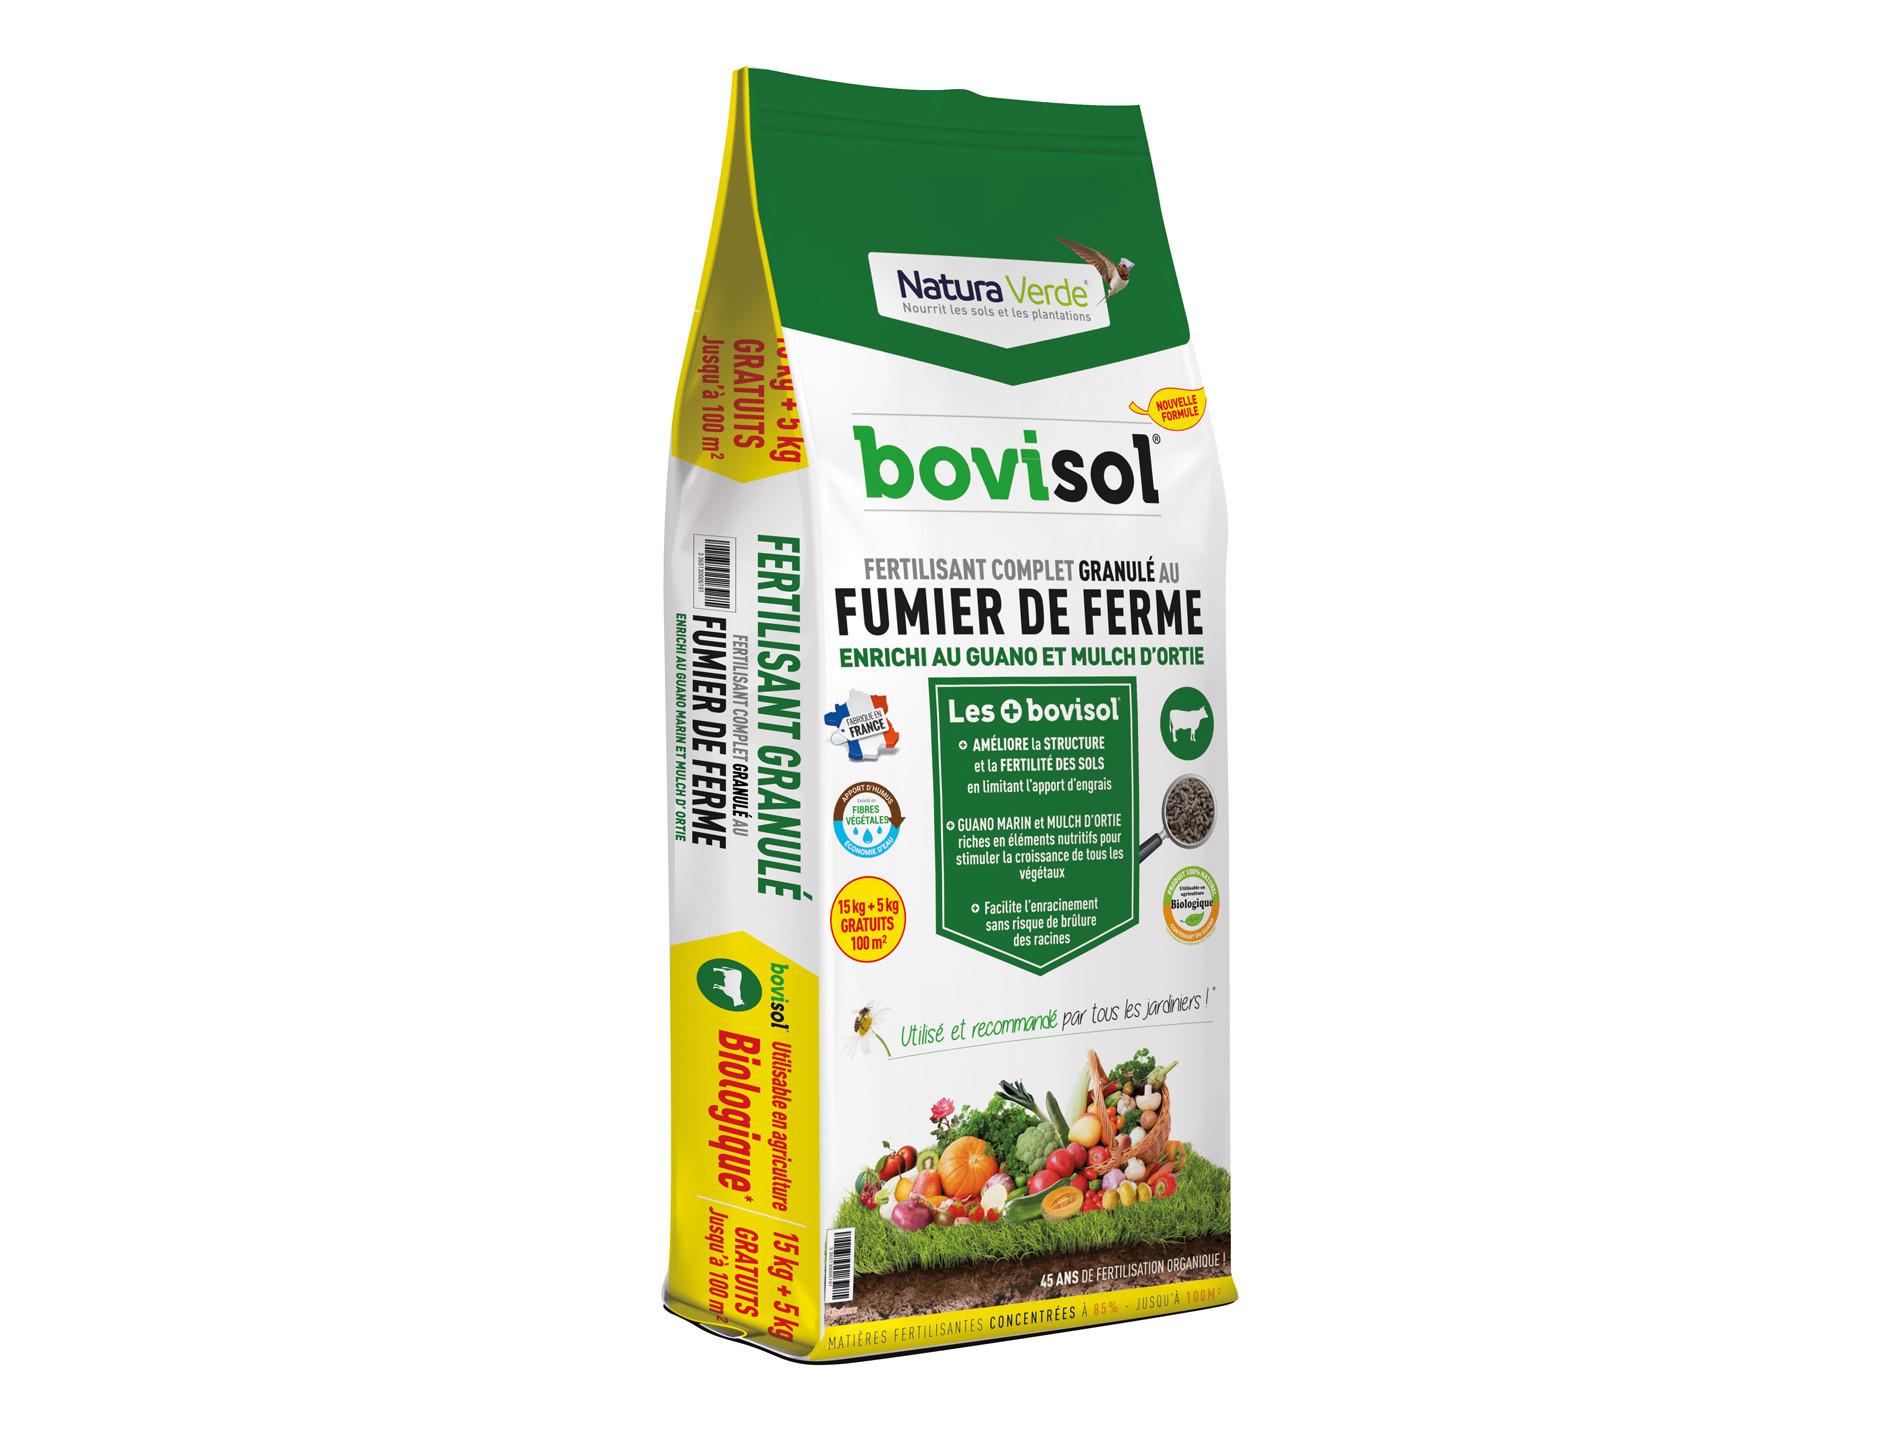 Fertilisant Bovisol 15 kg + 5 kg GRATUITS